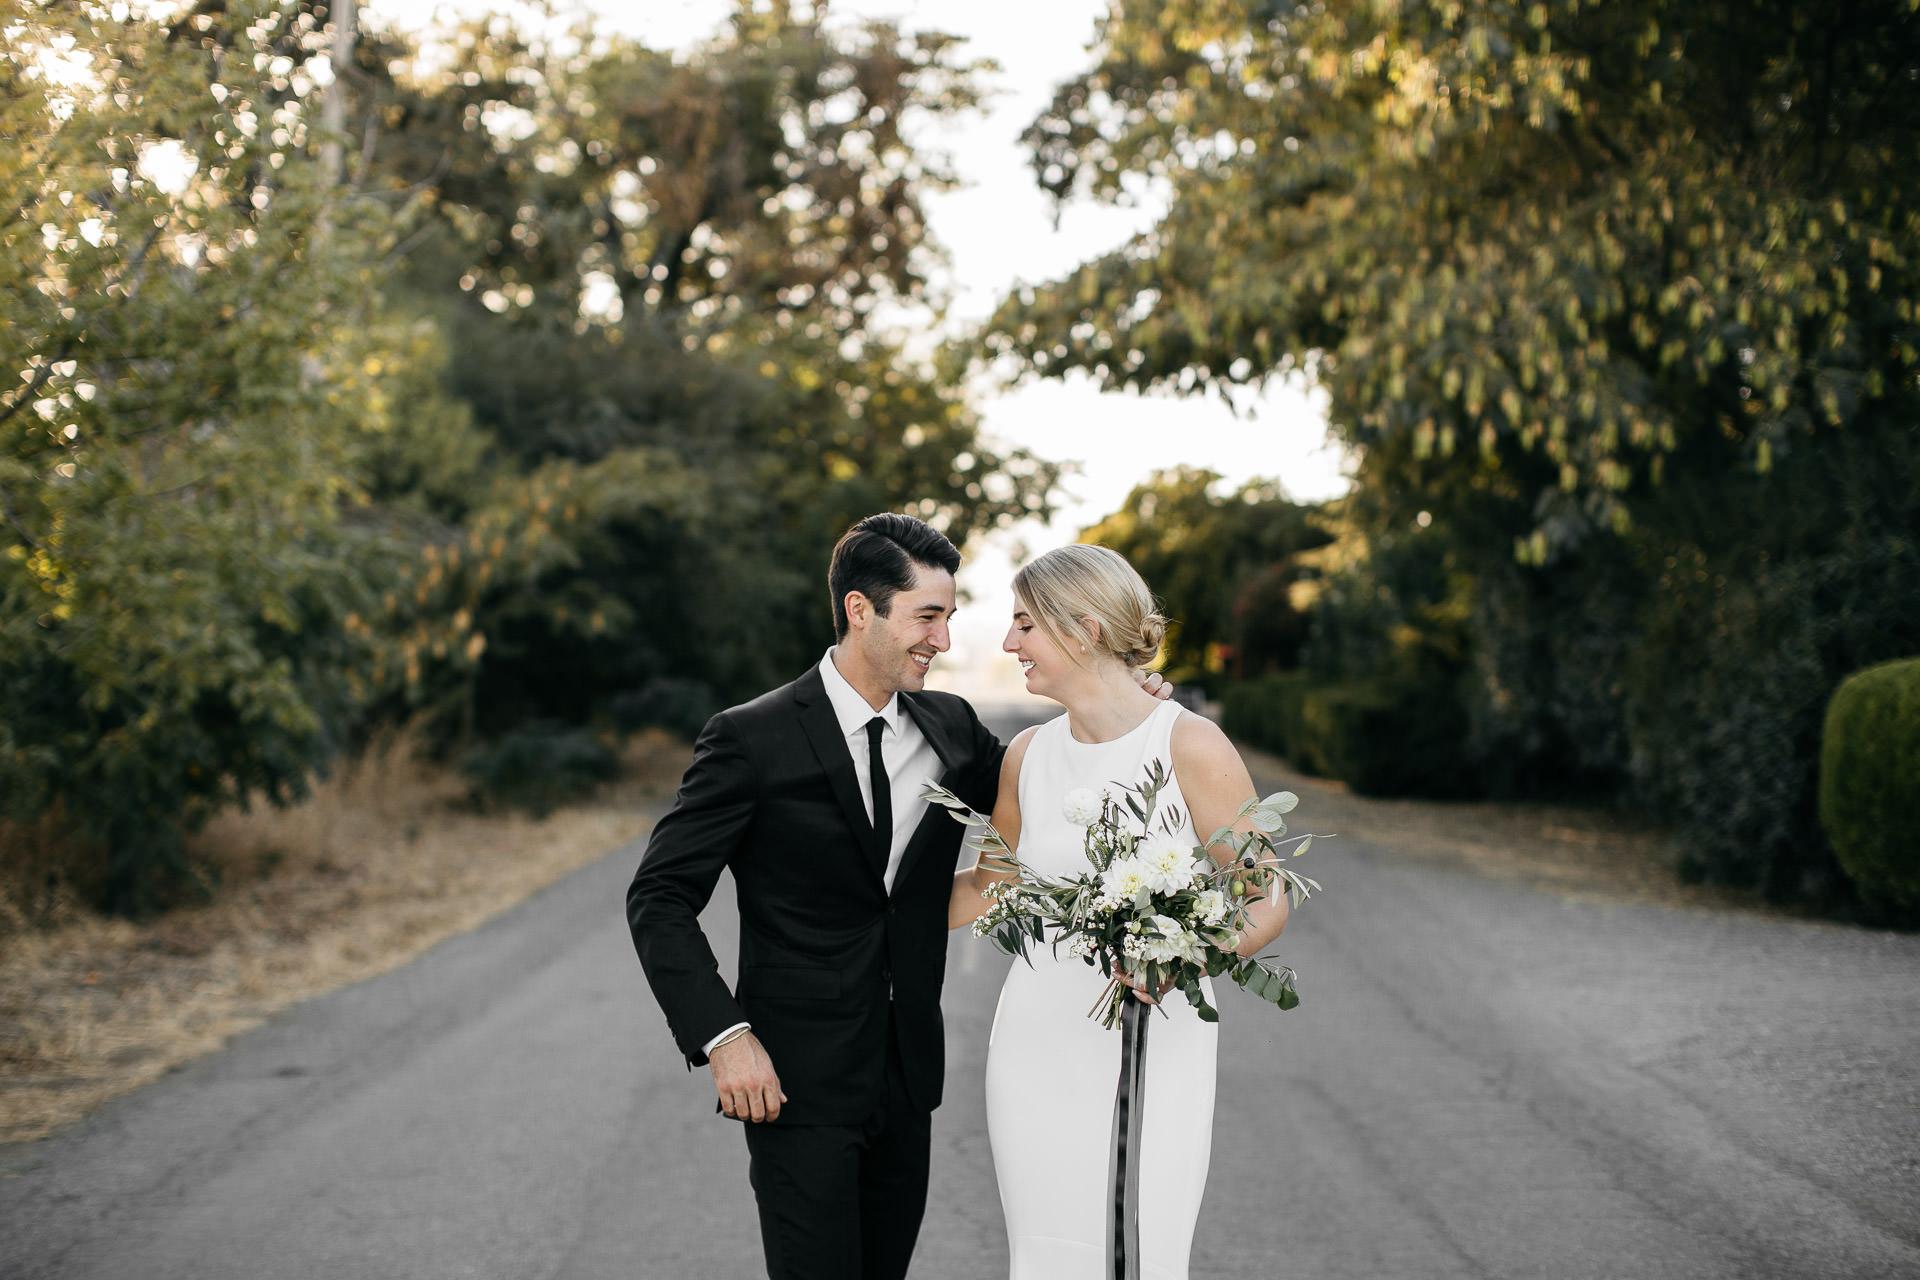 lauren_graham_wedding_california_park_winters_jeanlaurentgaudy_061